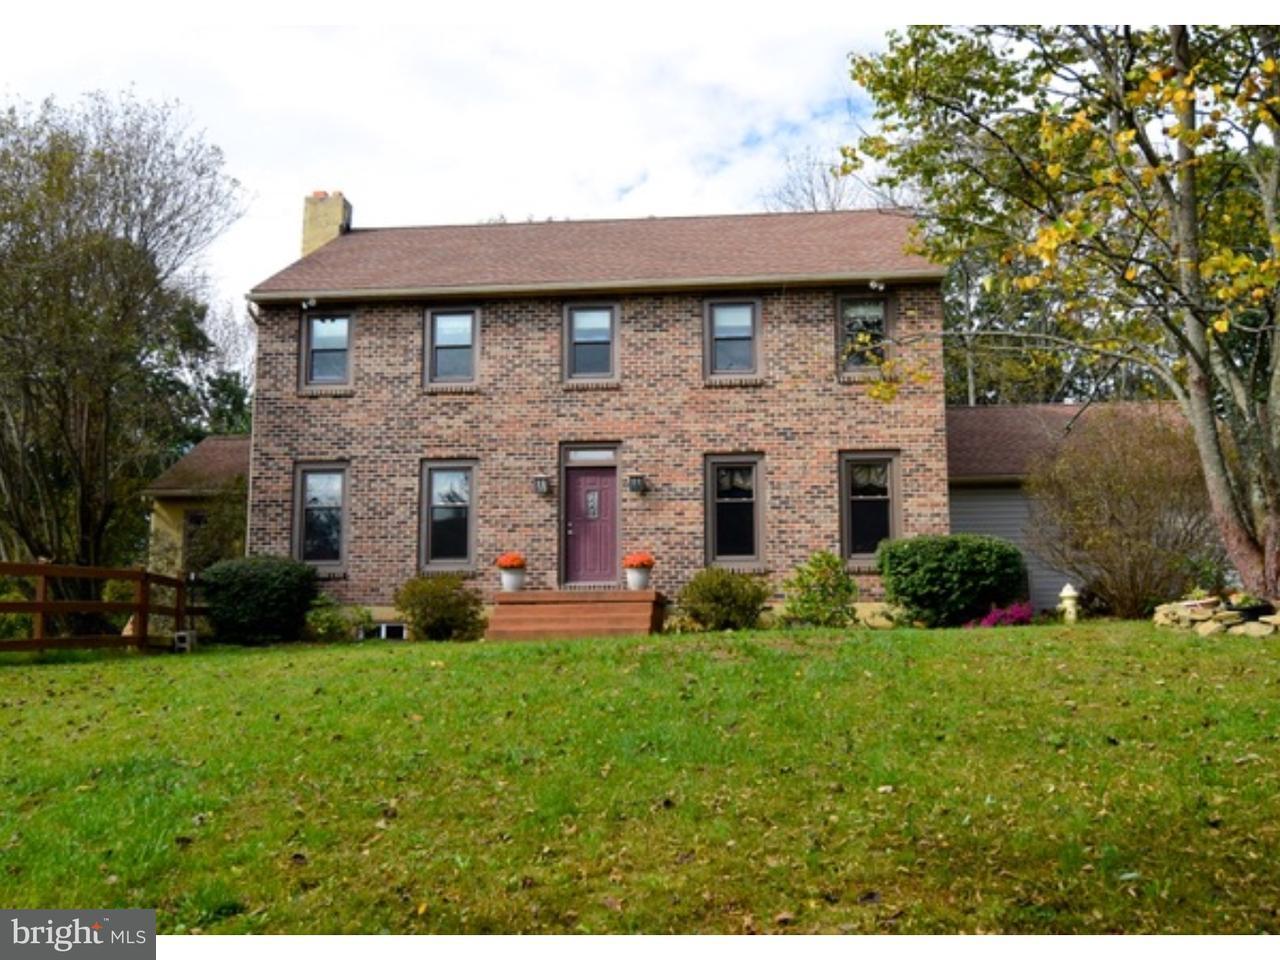 独户住宅 为 销售 在 64 MINE Road Oley, 宾夕法尼亚州 19547 美国